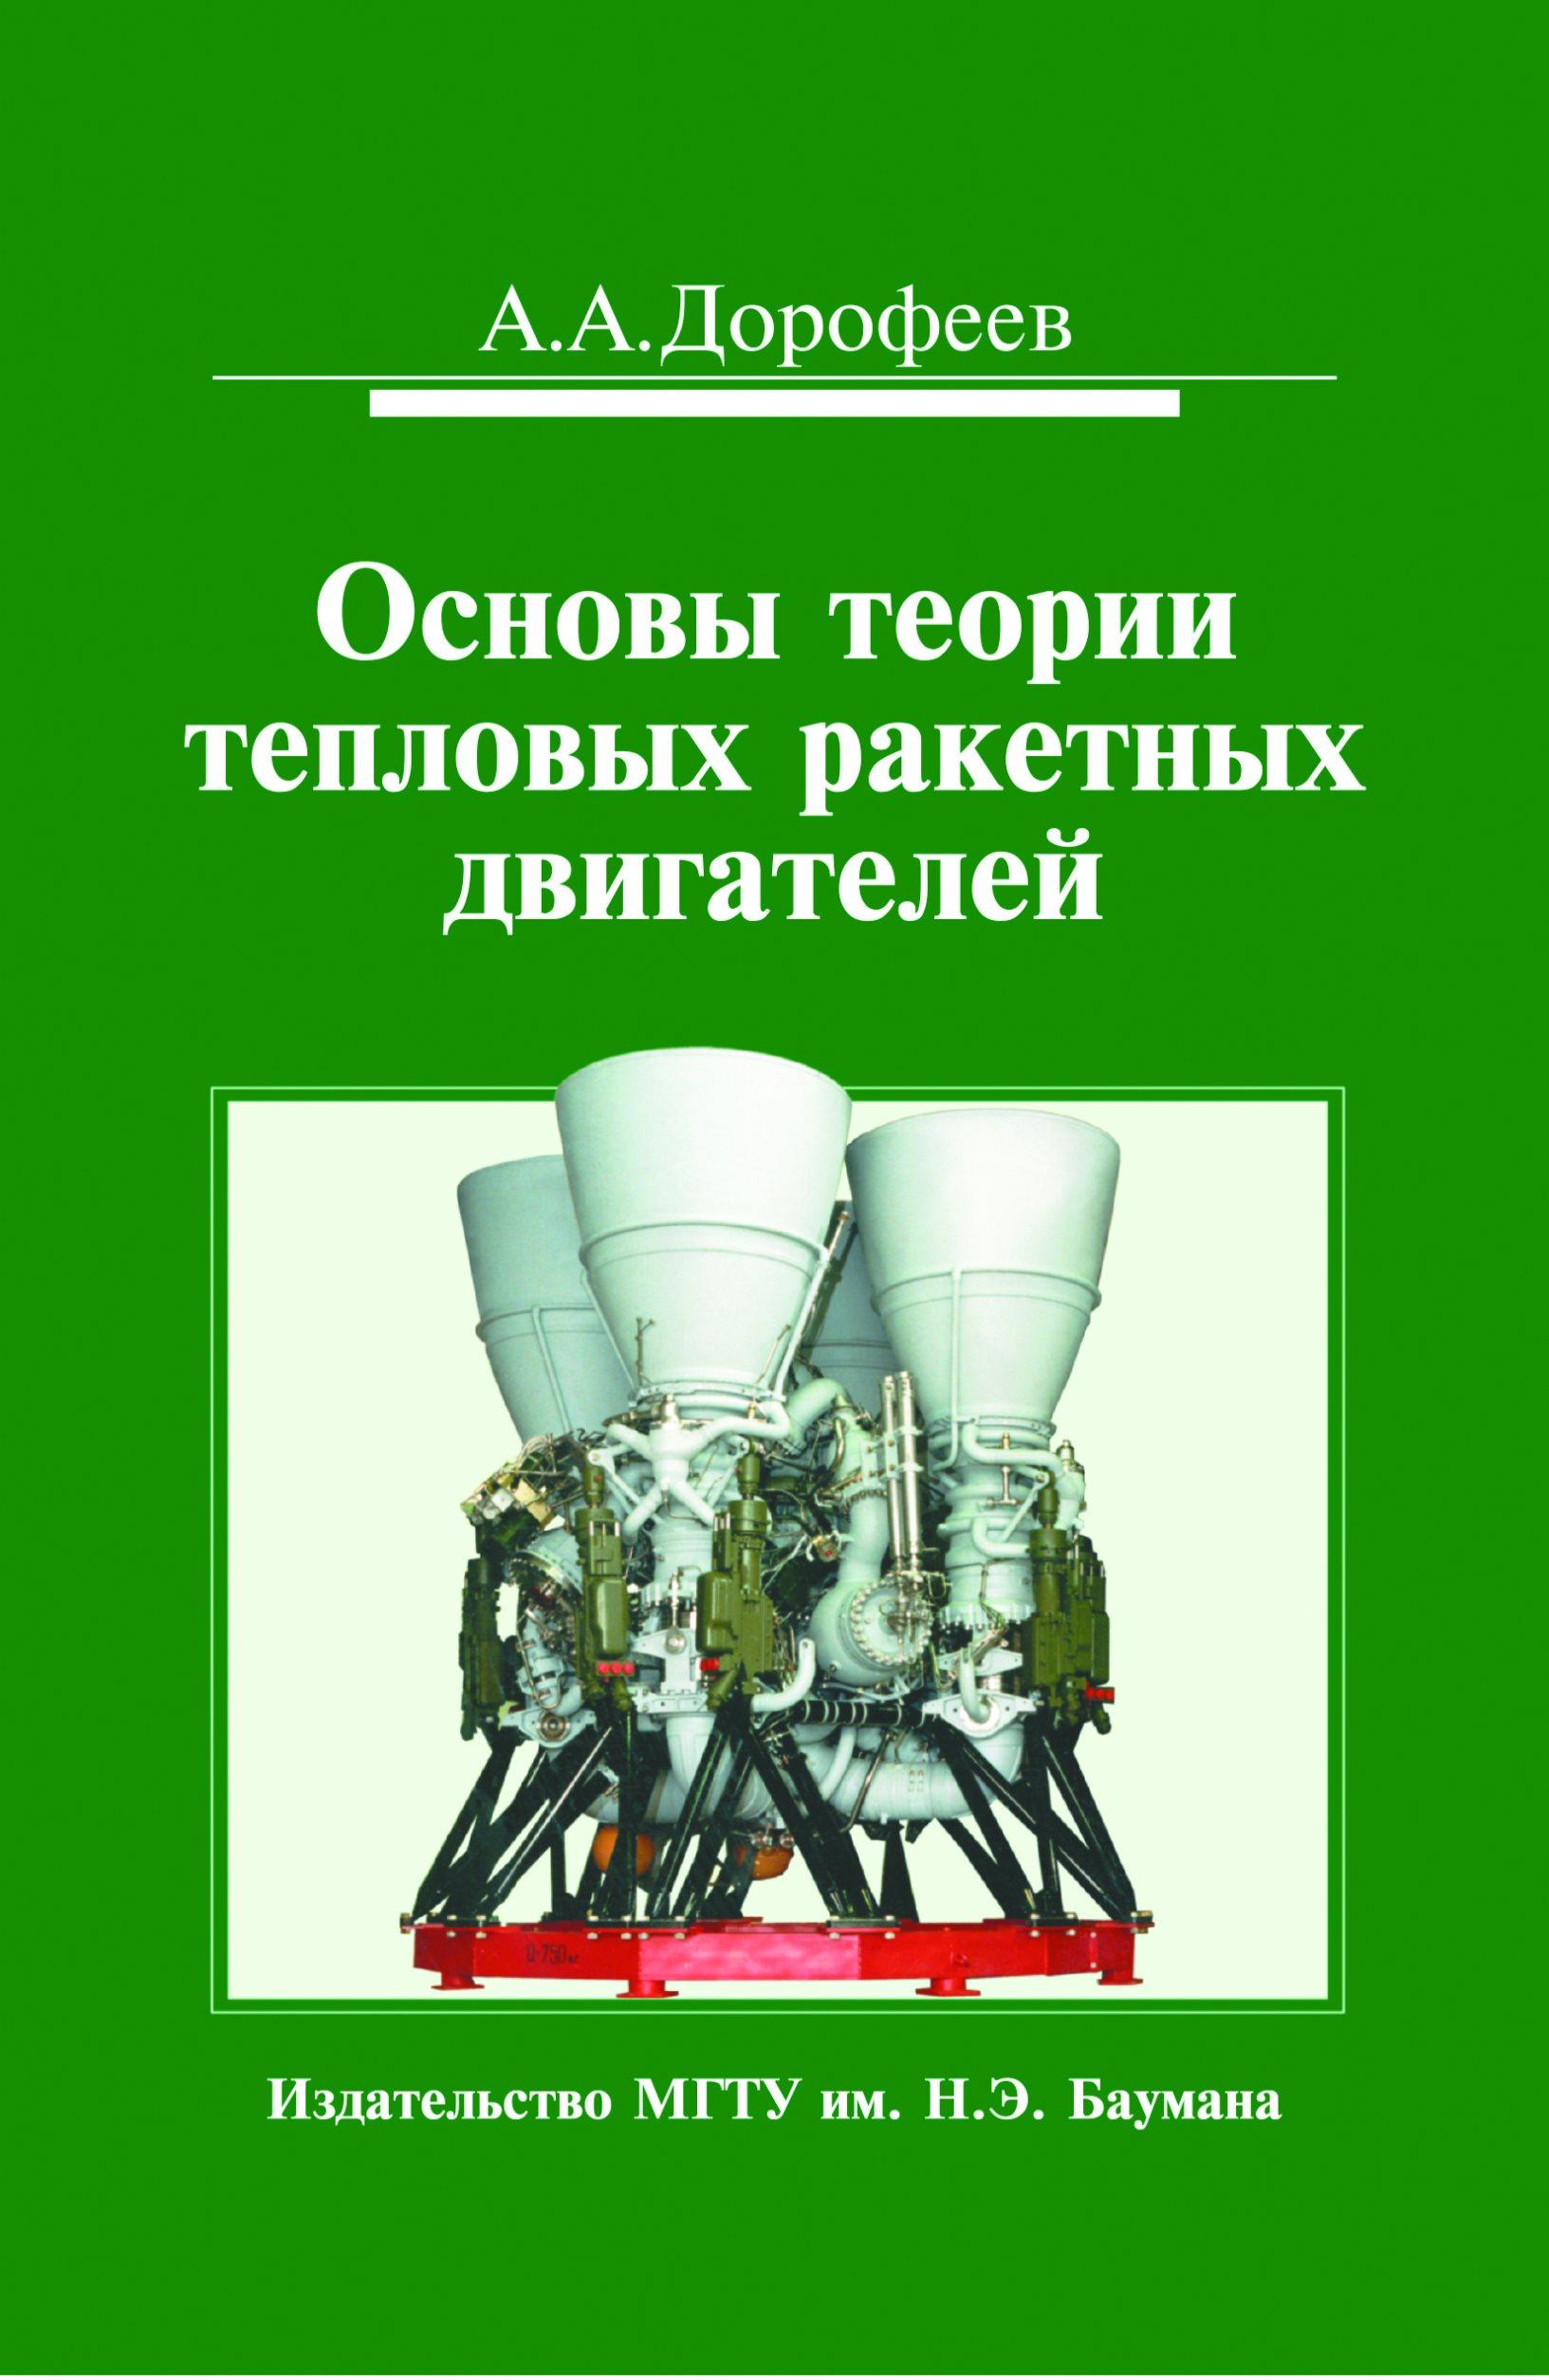 Основы теории тепловых ракетных двигателей. Теория, расчет и проектирование